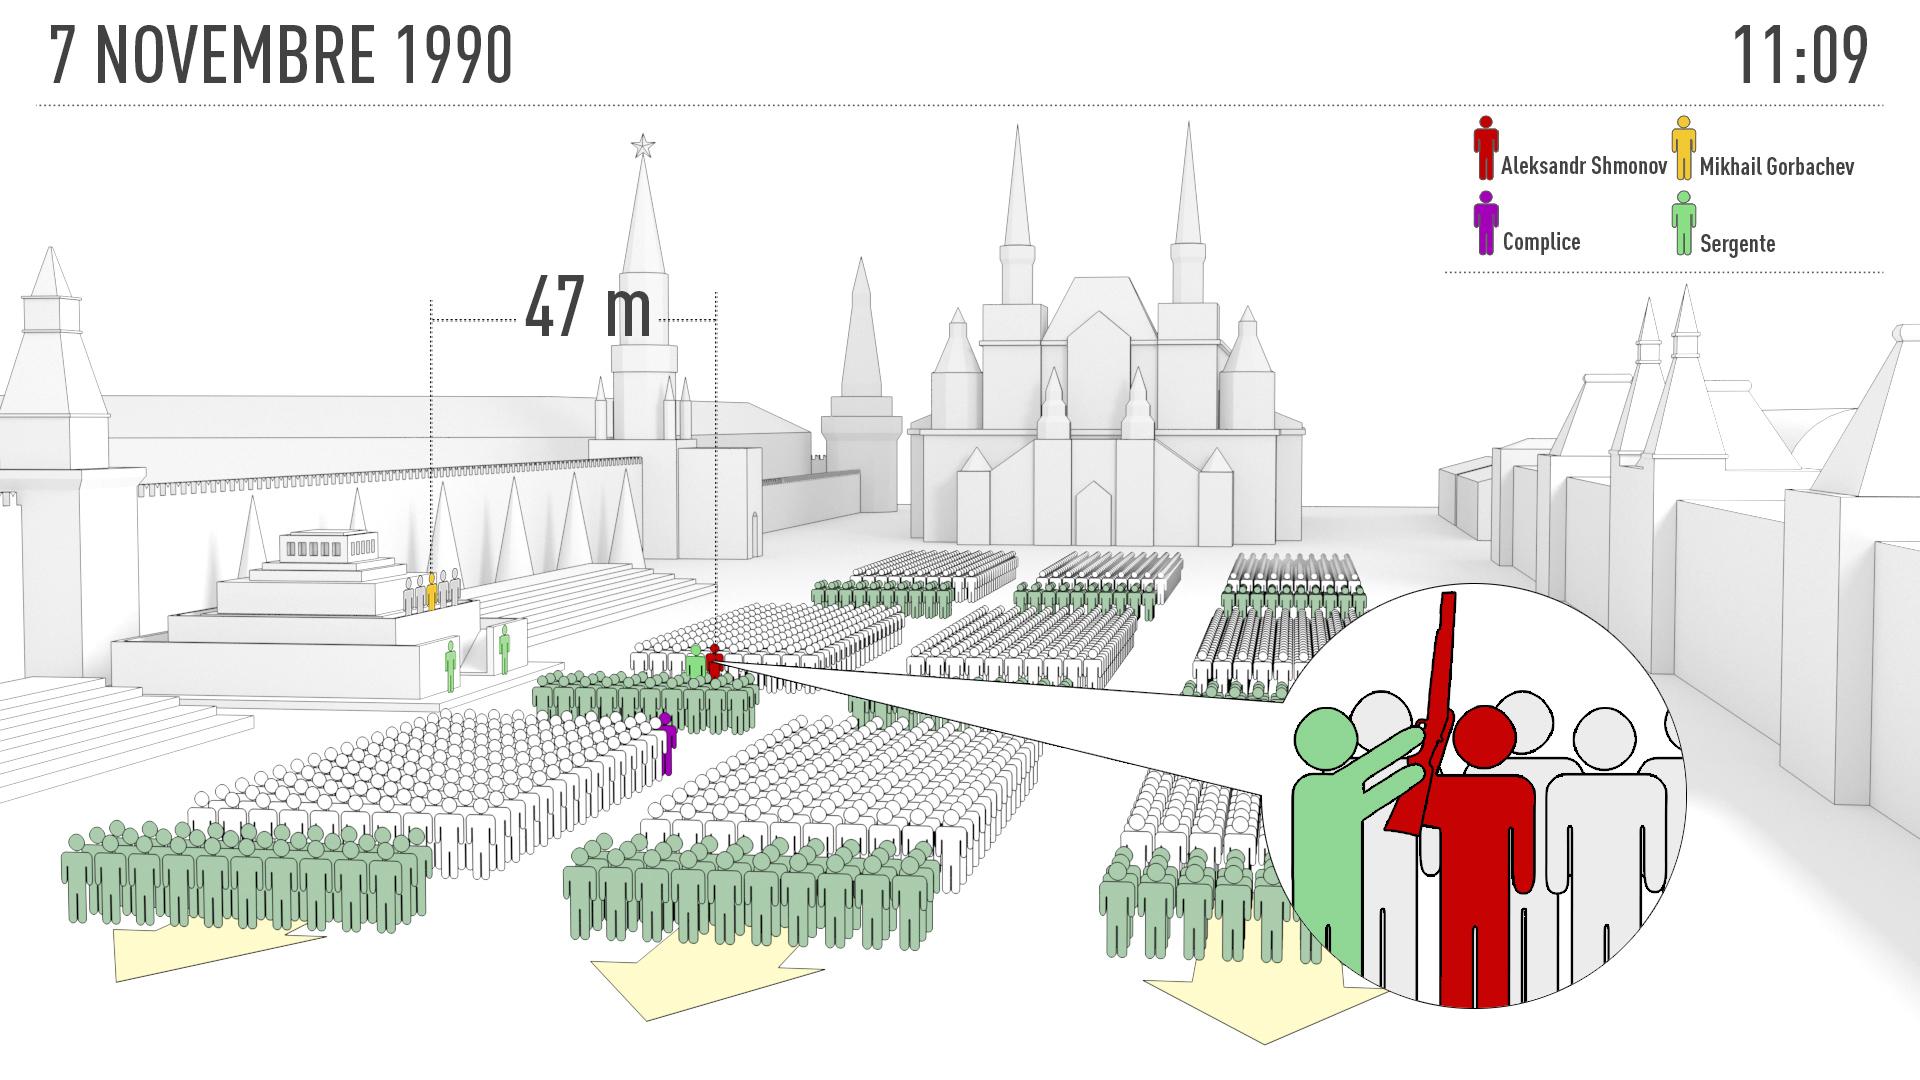 La raffigurazione del fallito attentato. Fonte: Rbth